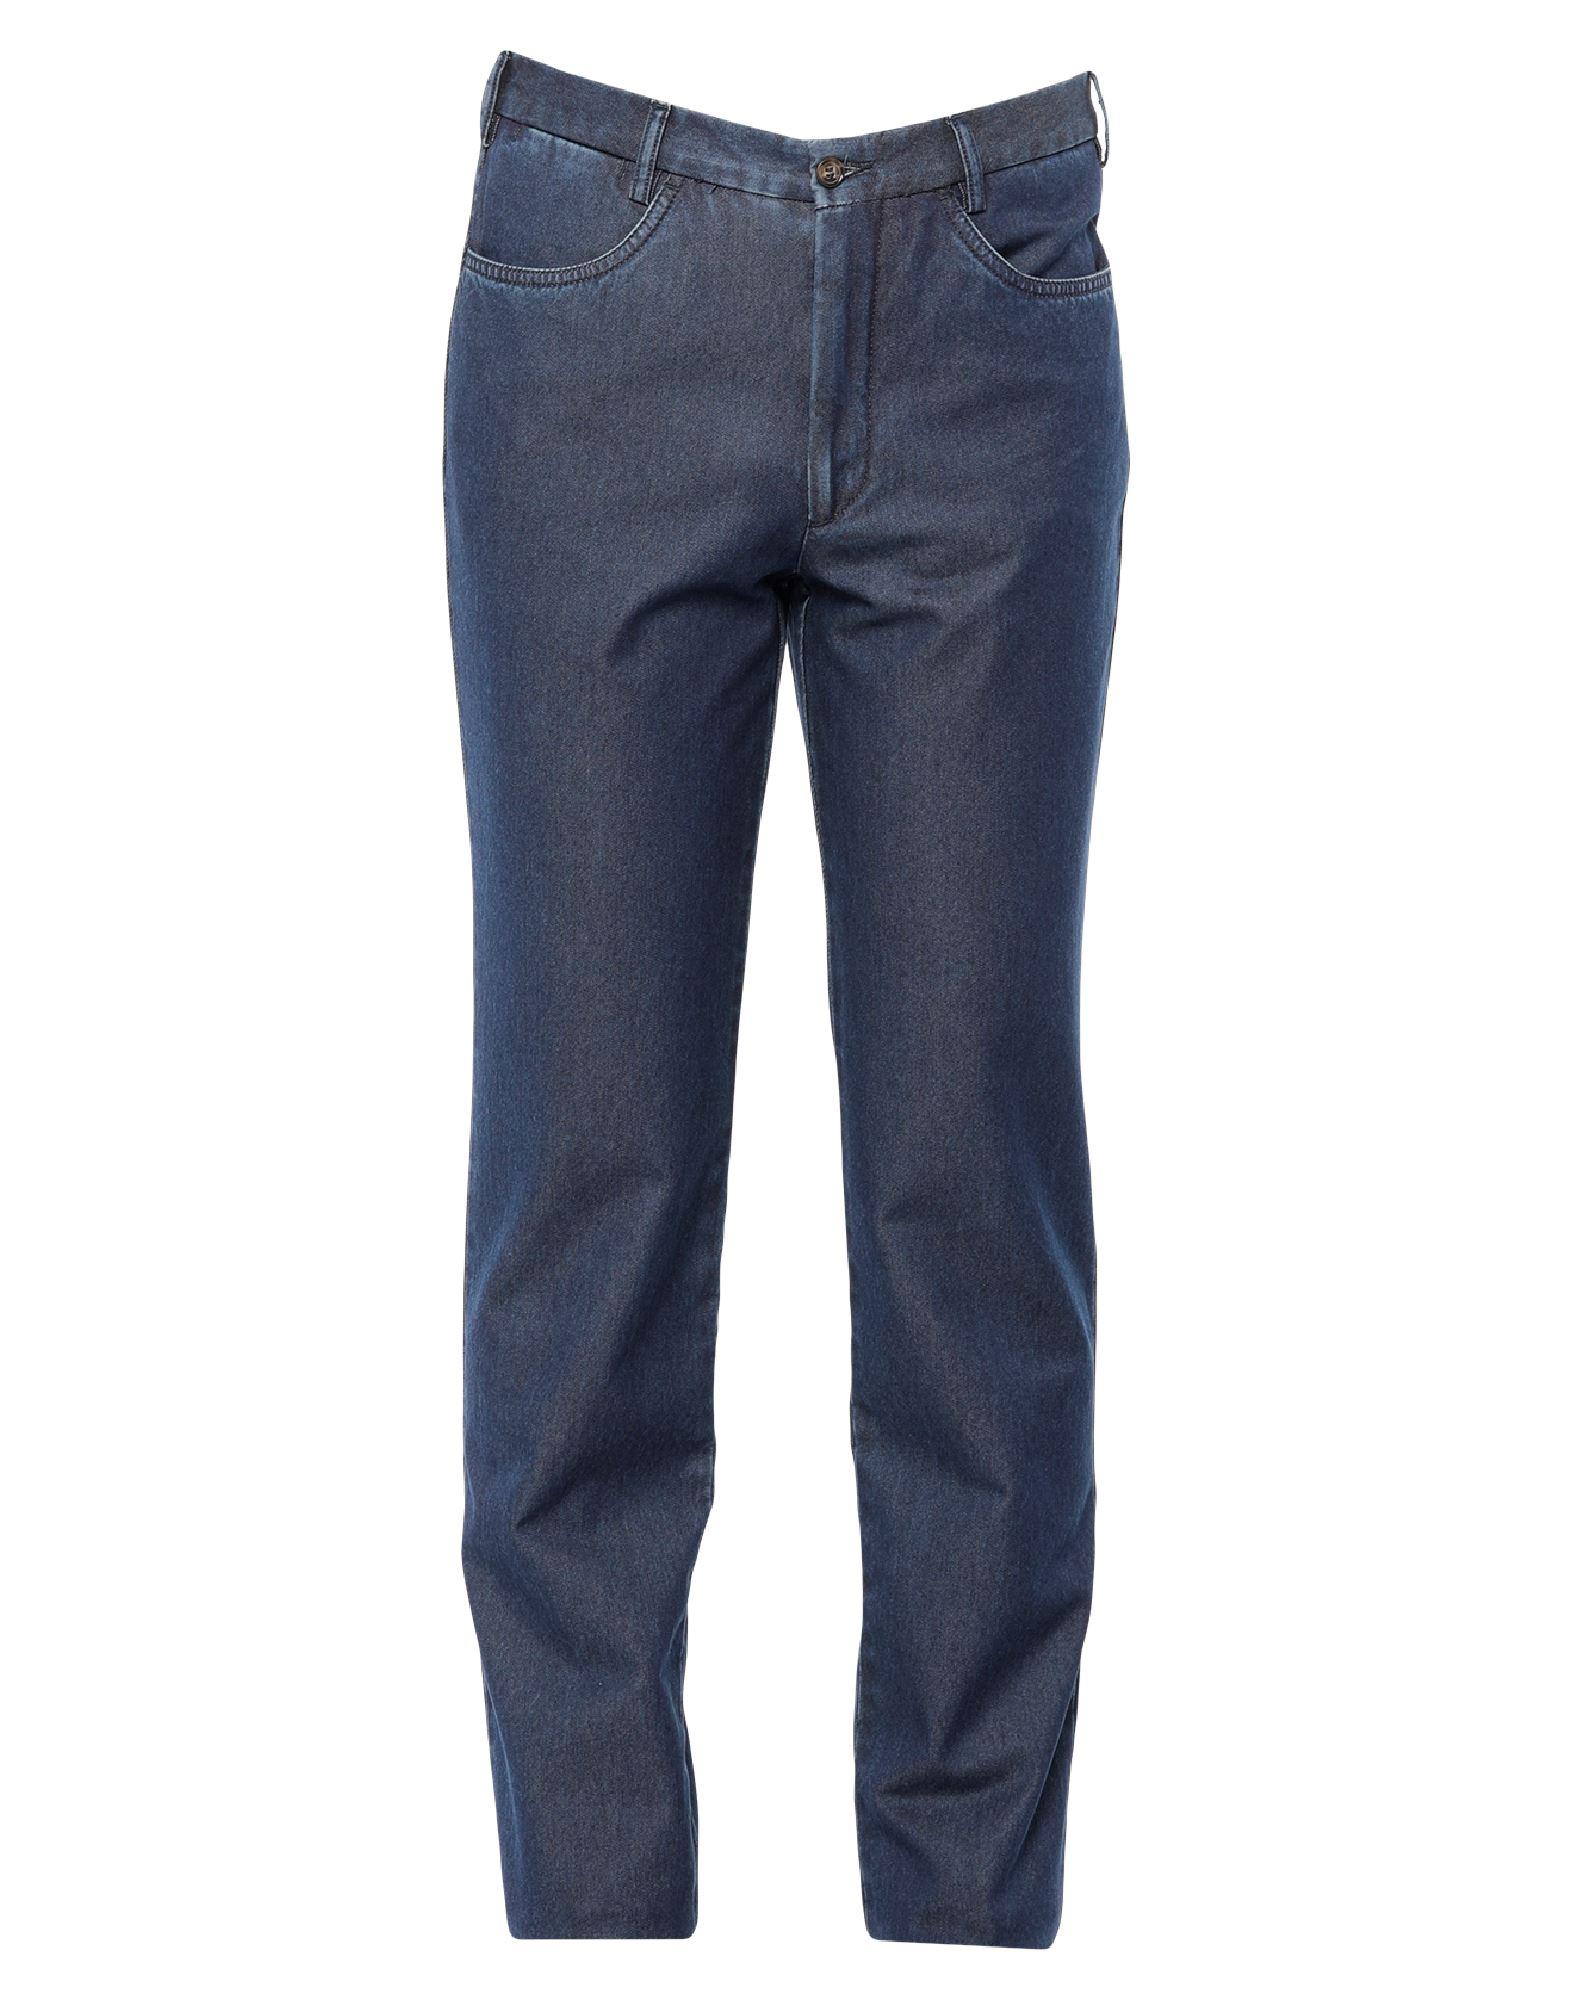 Фото - ROTASPORT Джинсовые брюки rotasport джинсовые брюки